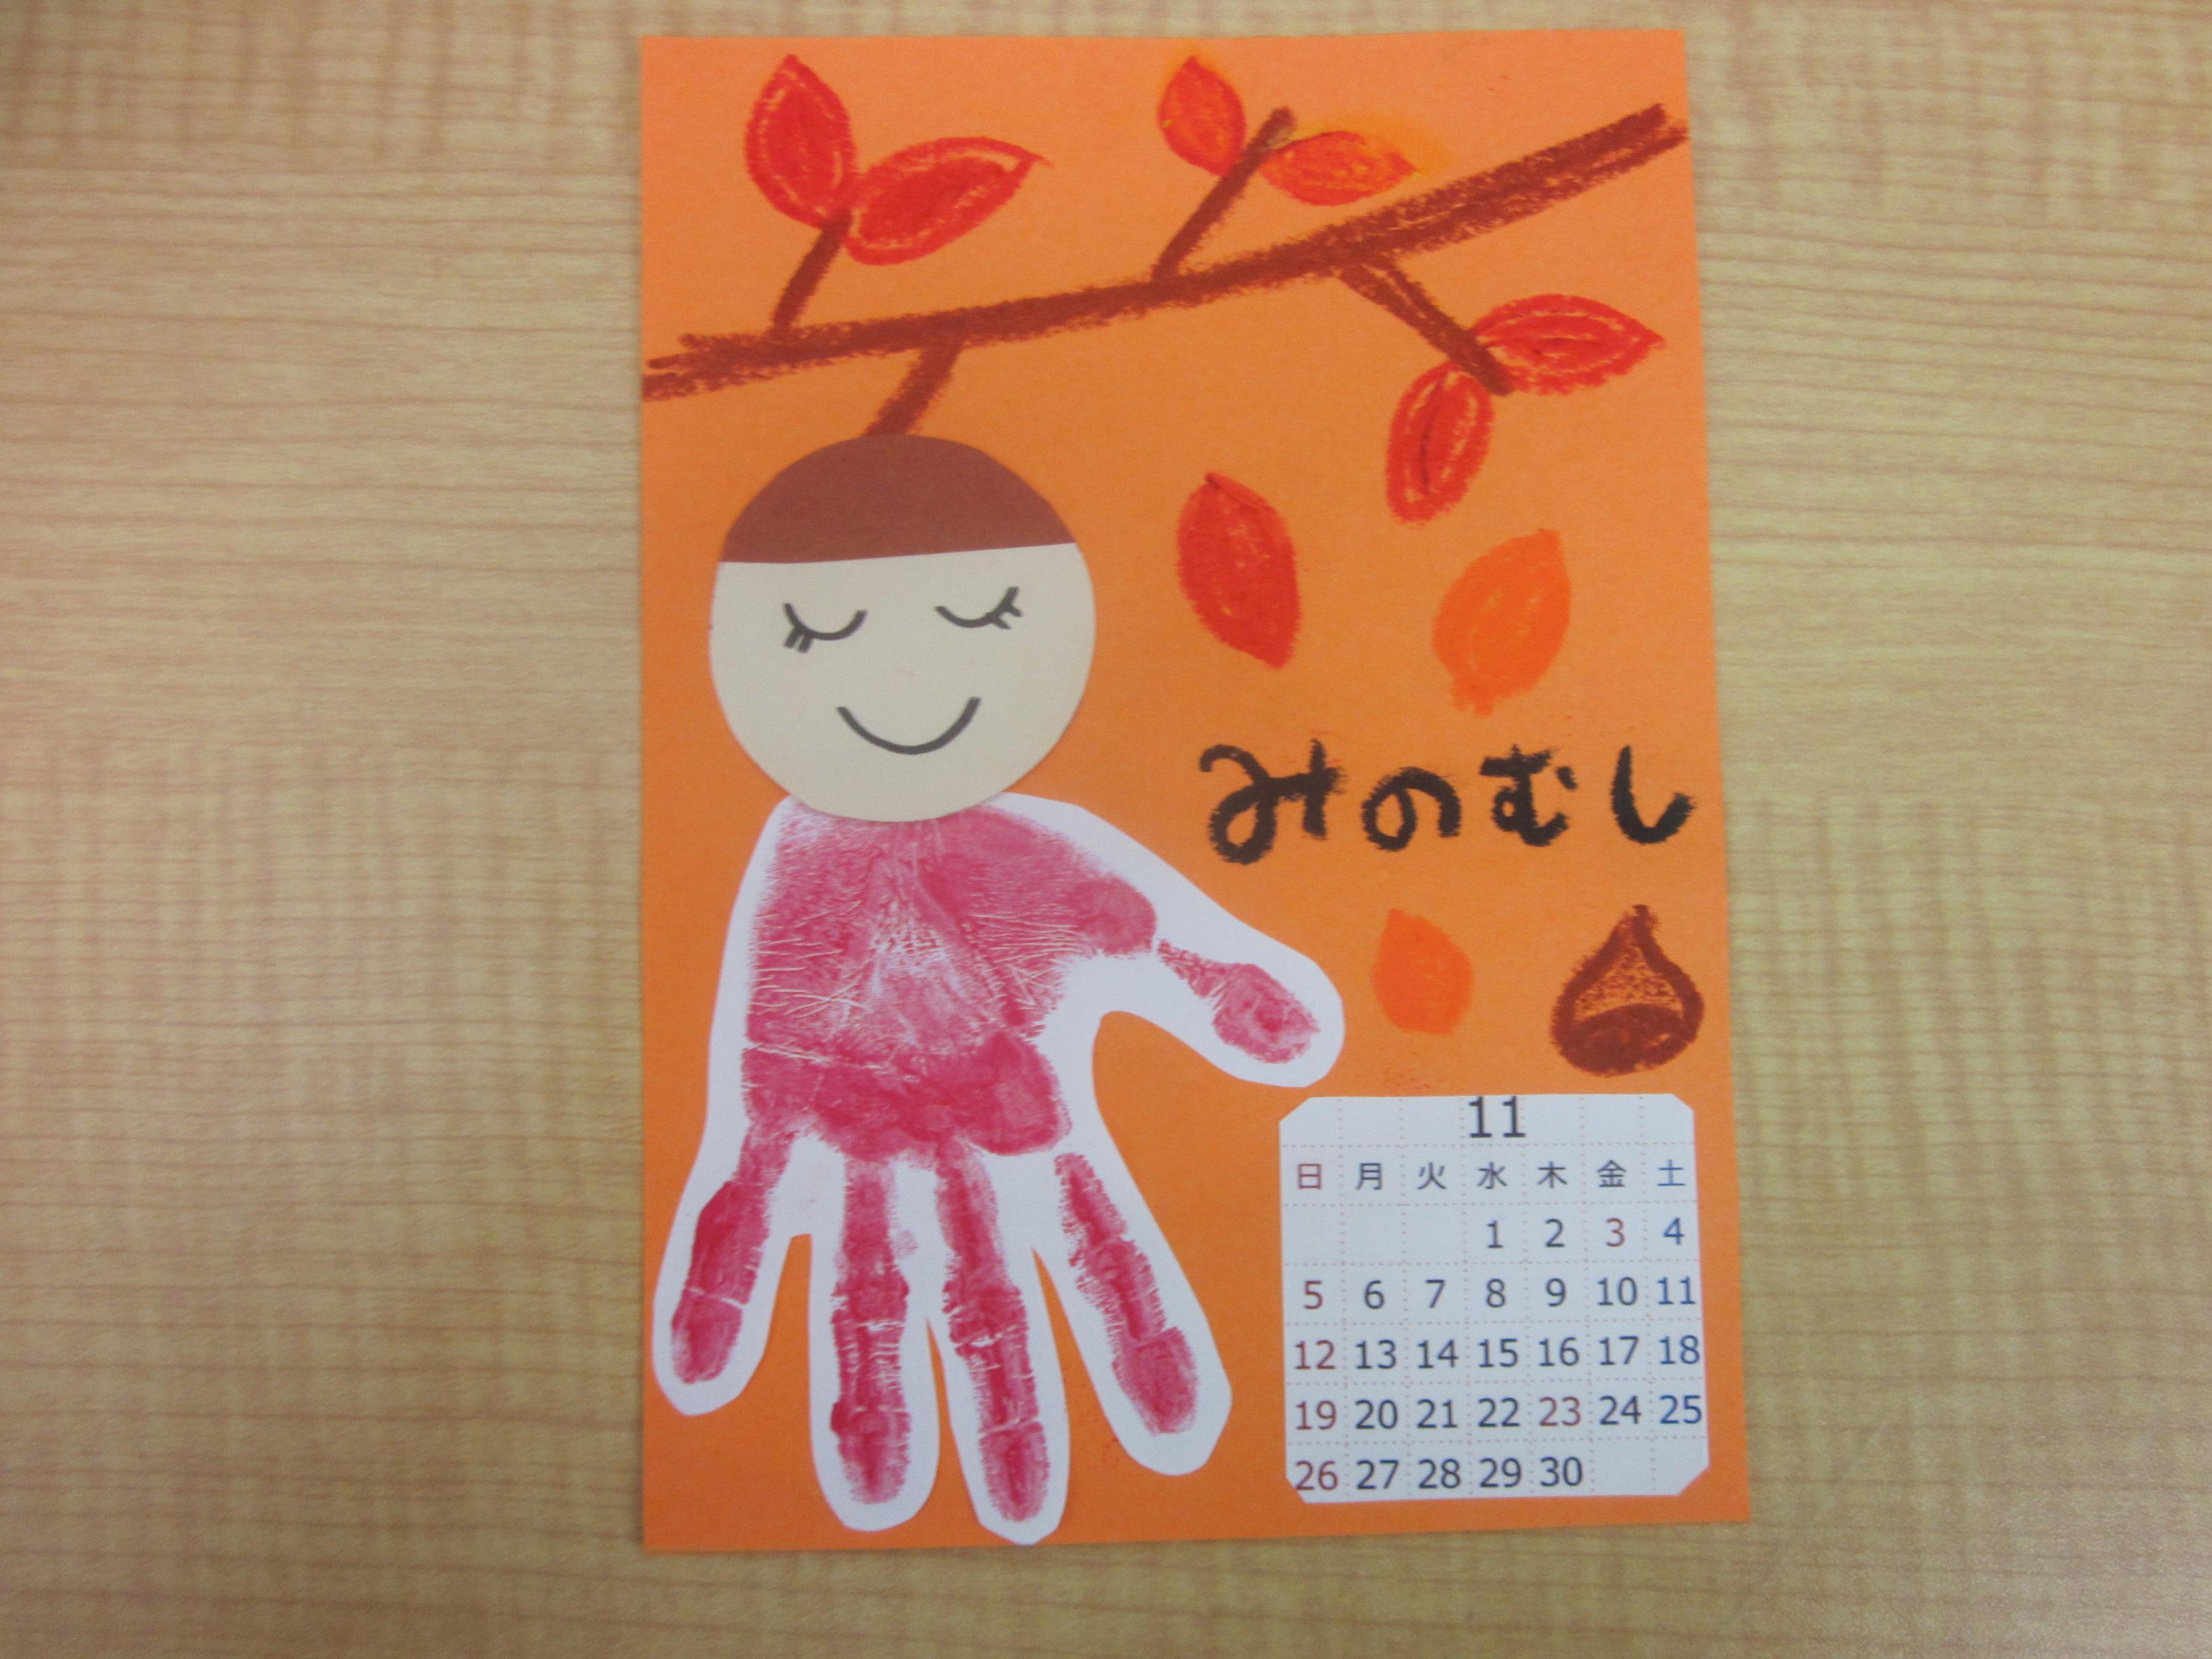 10月19日(木)赤ちゃんの日イベント「手形でみのむし作り☆秋の葉で飾り付け」を行います